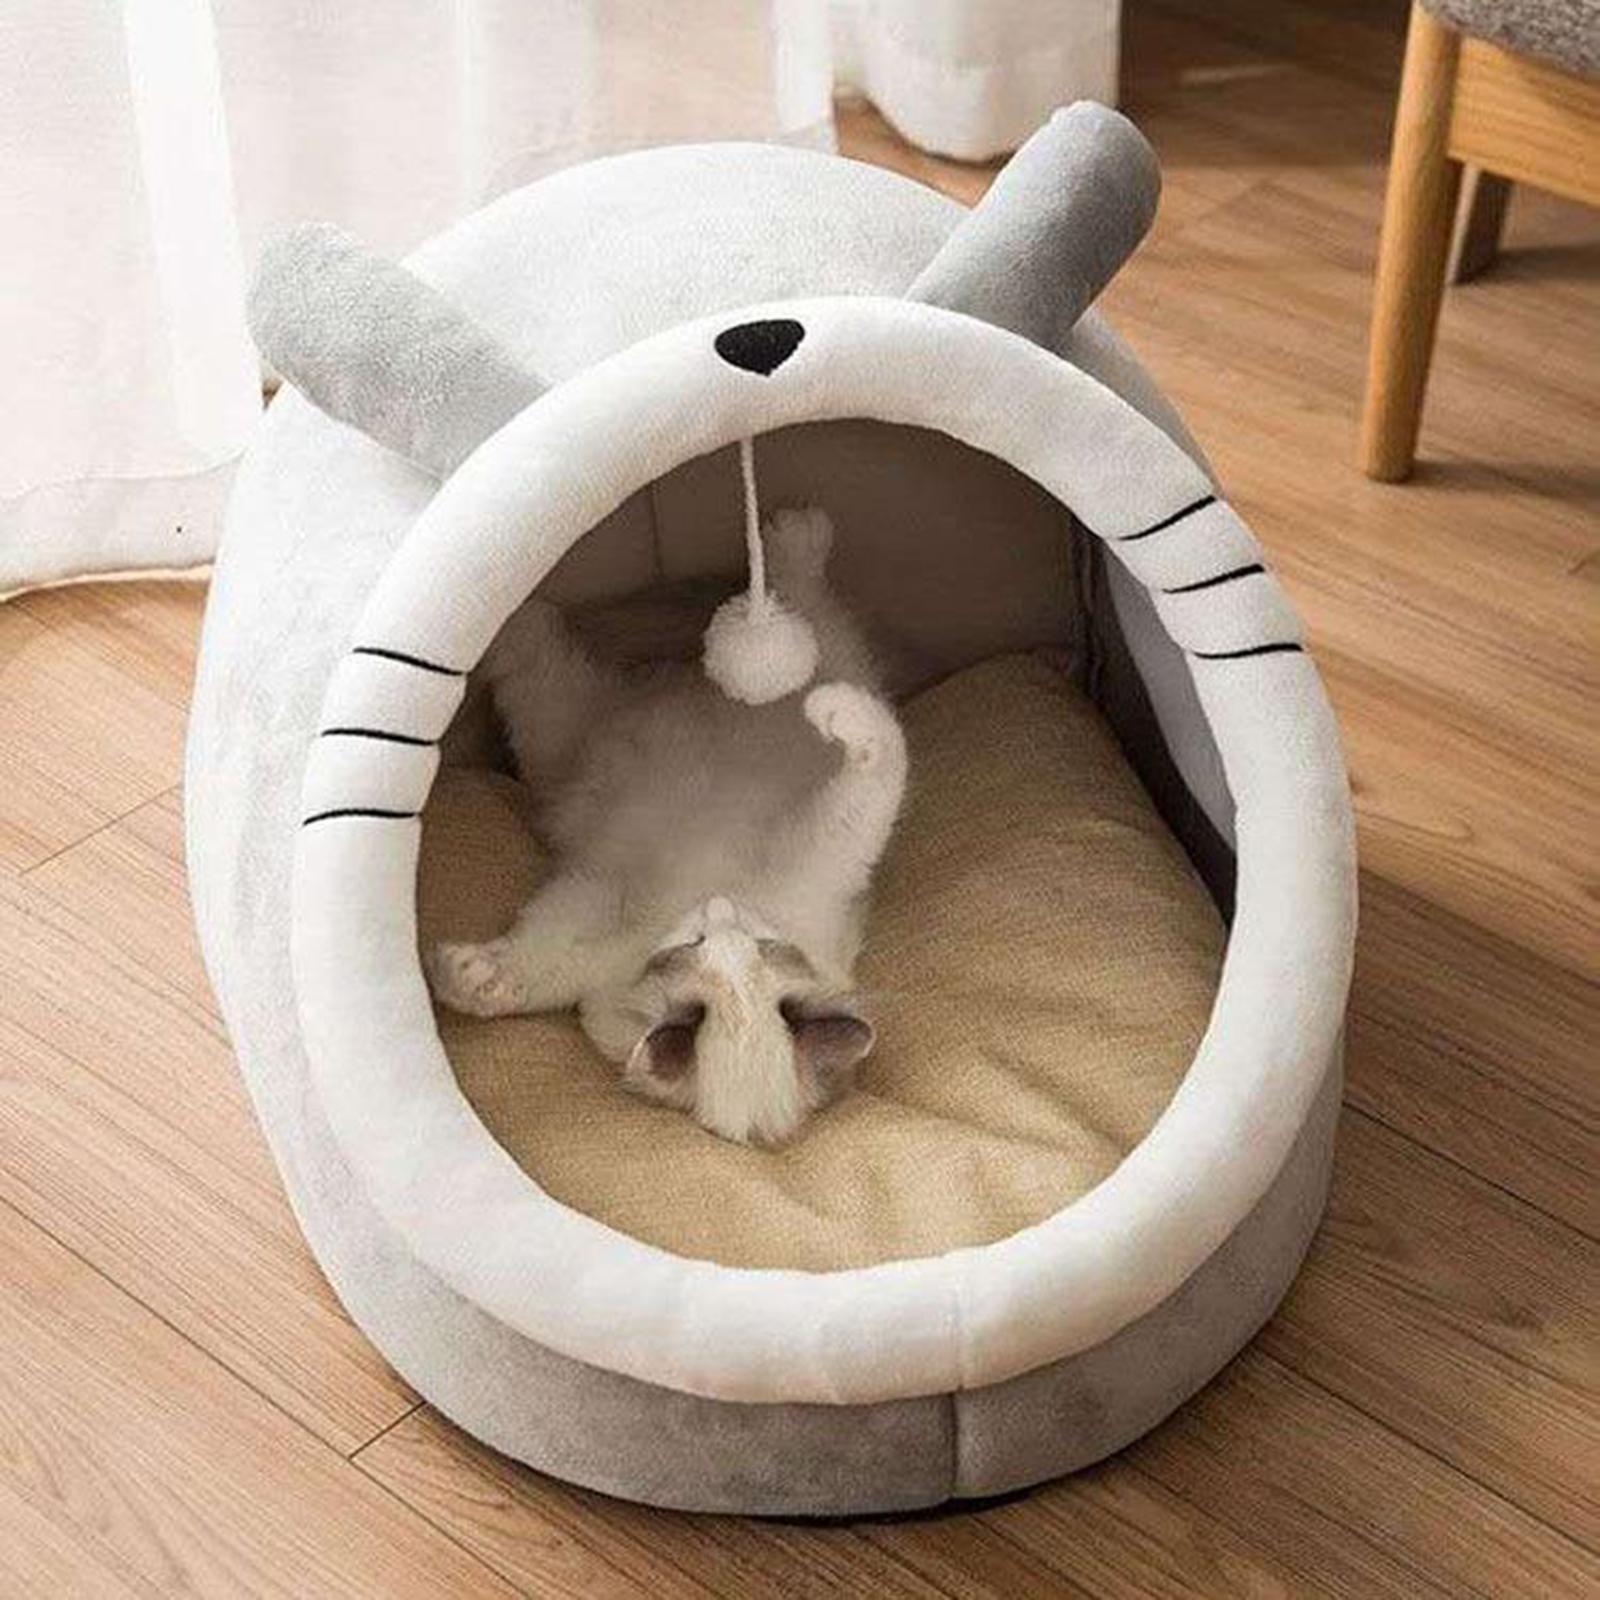 Indexbild 3 - Haustier hund katzen haus zwinger zelt mode welpe winter warmes bett haus höhle